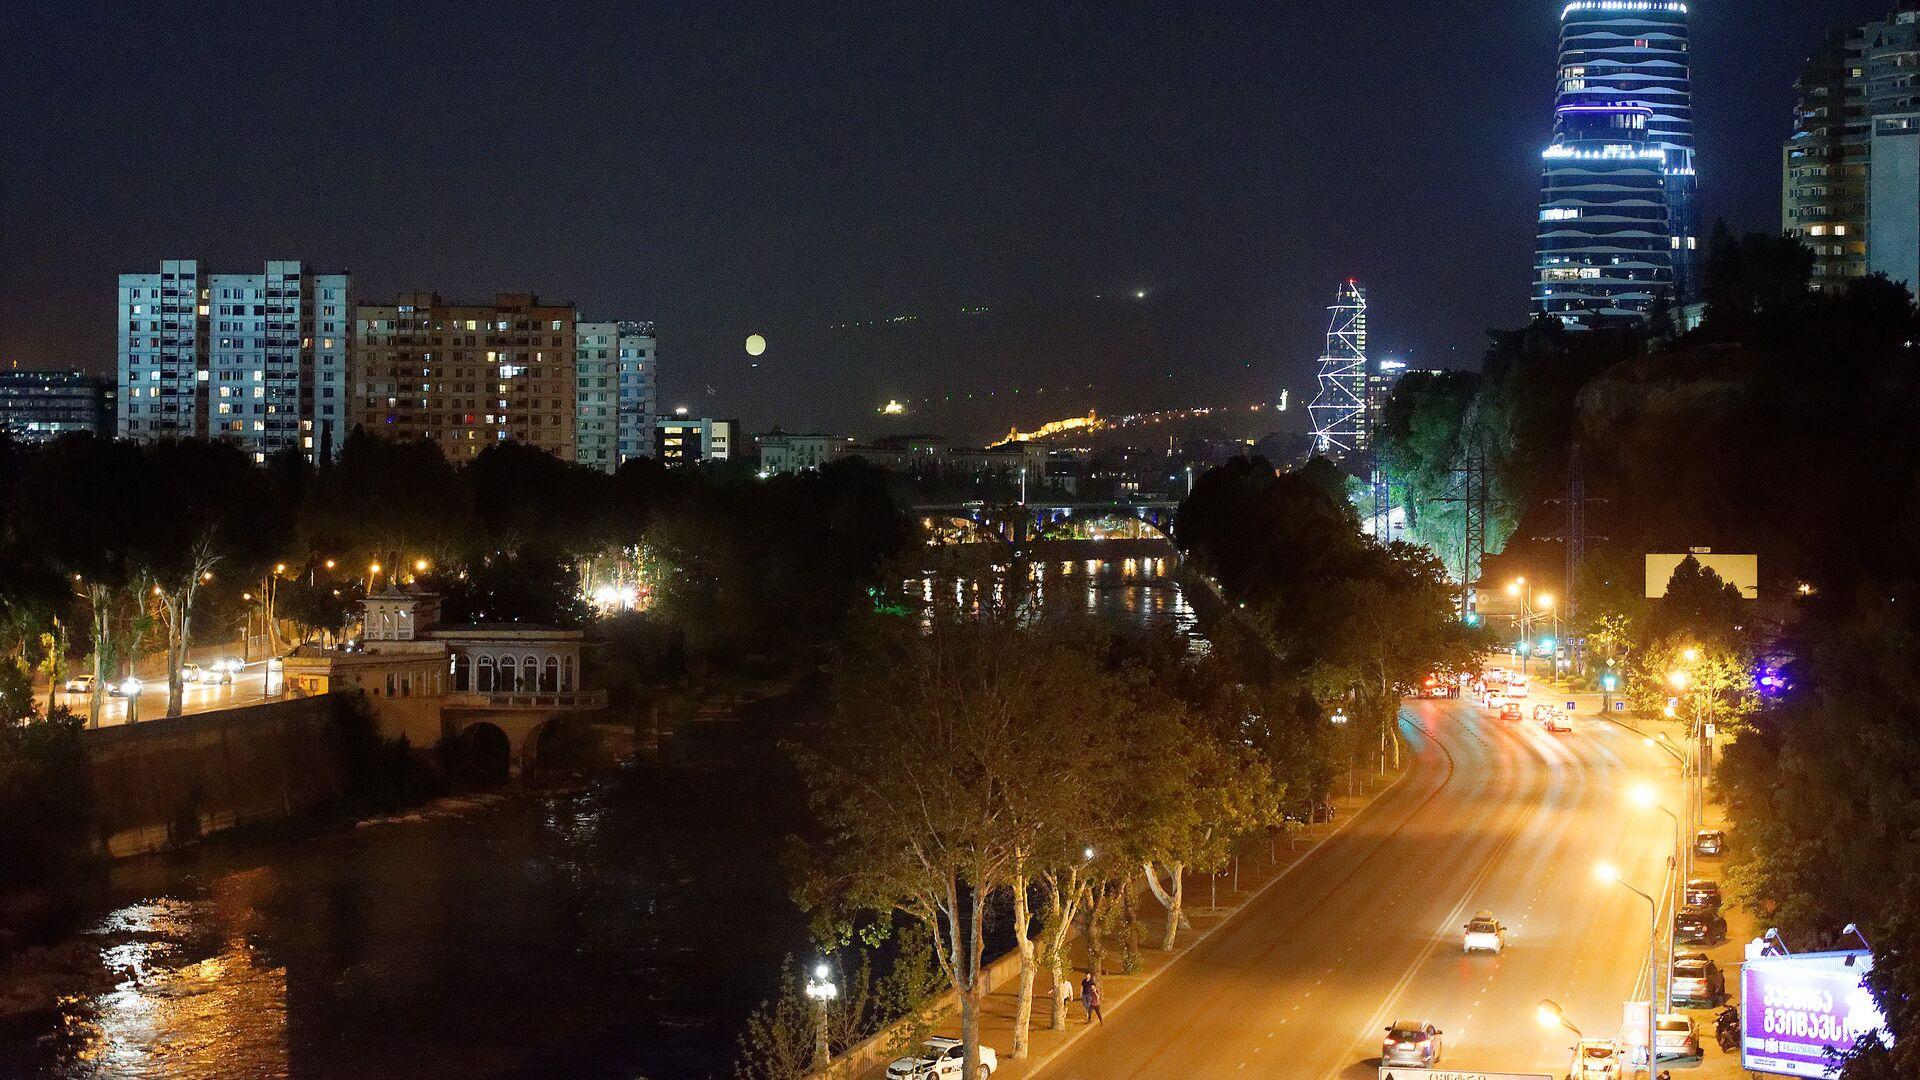 Вид на город Тбилиси ночью - городской пейзаж, вид на набережную и небоскребы - Sputnik Грузия, 1920, 03.10.2021